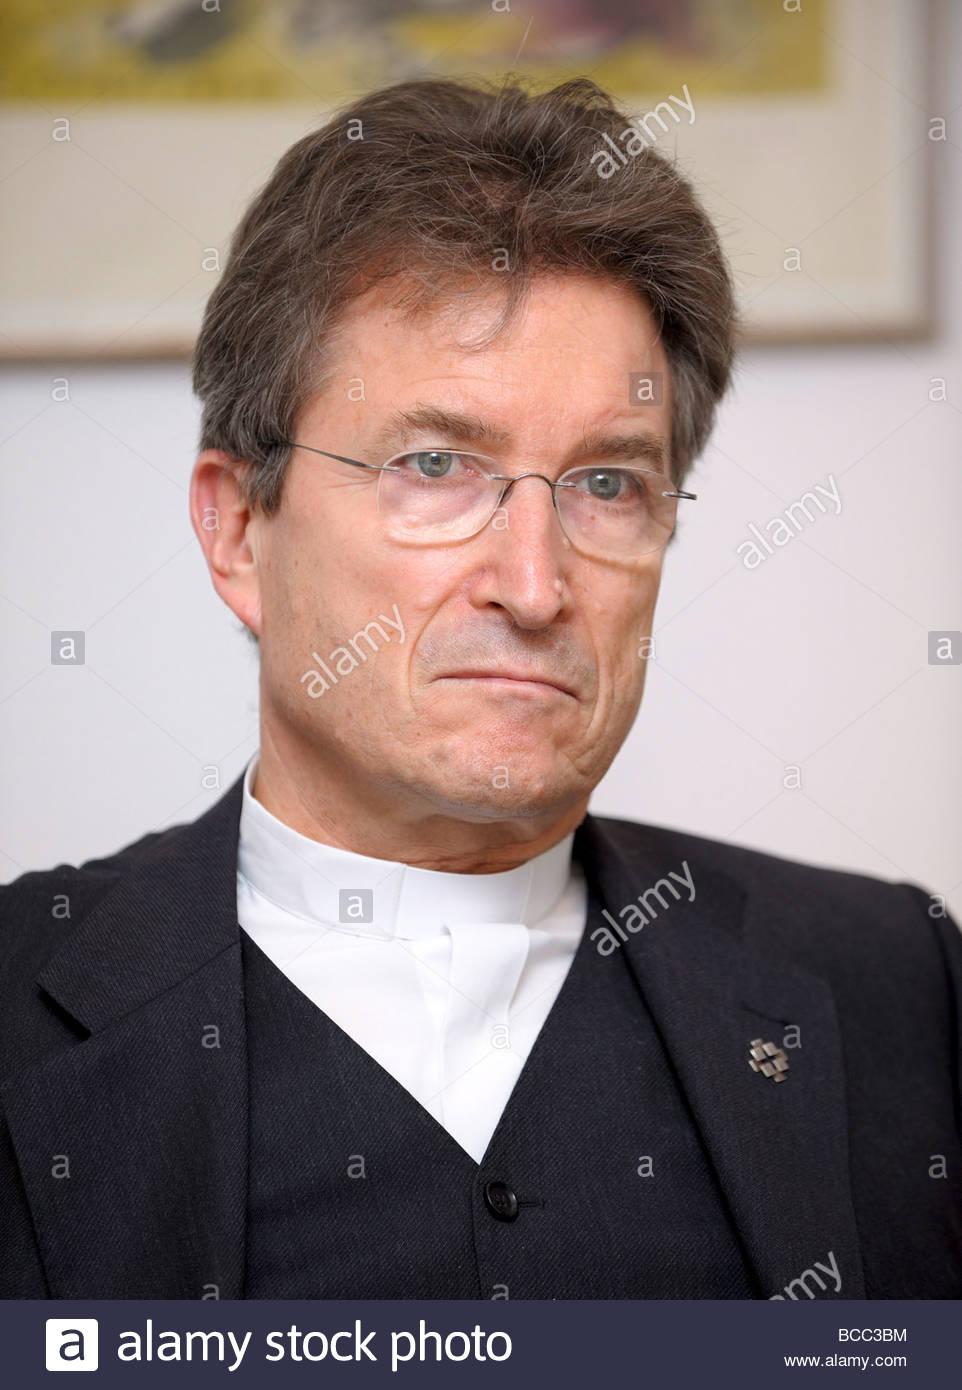 Bishop Wolfgang HUBER Stock Photo - bishop-wolfgang-huber-BCC3BM